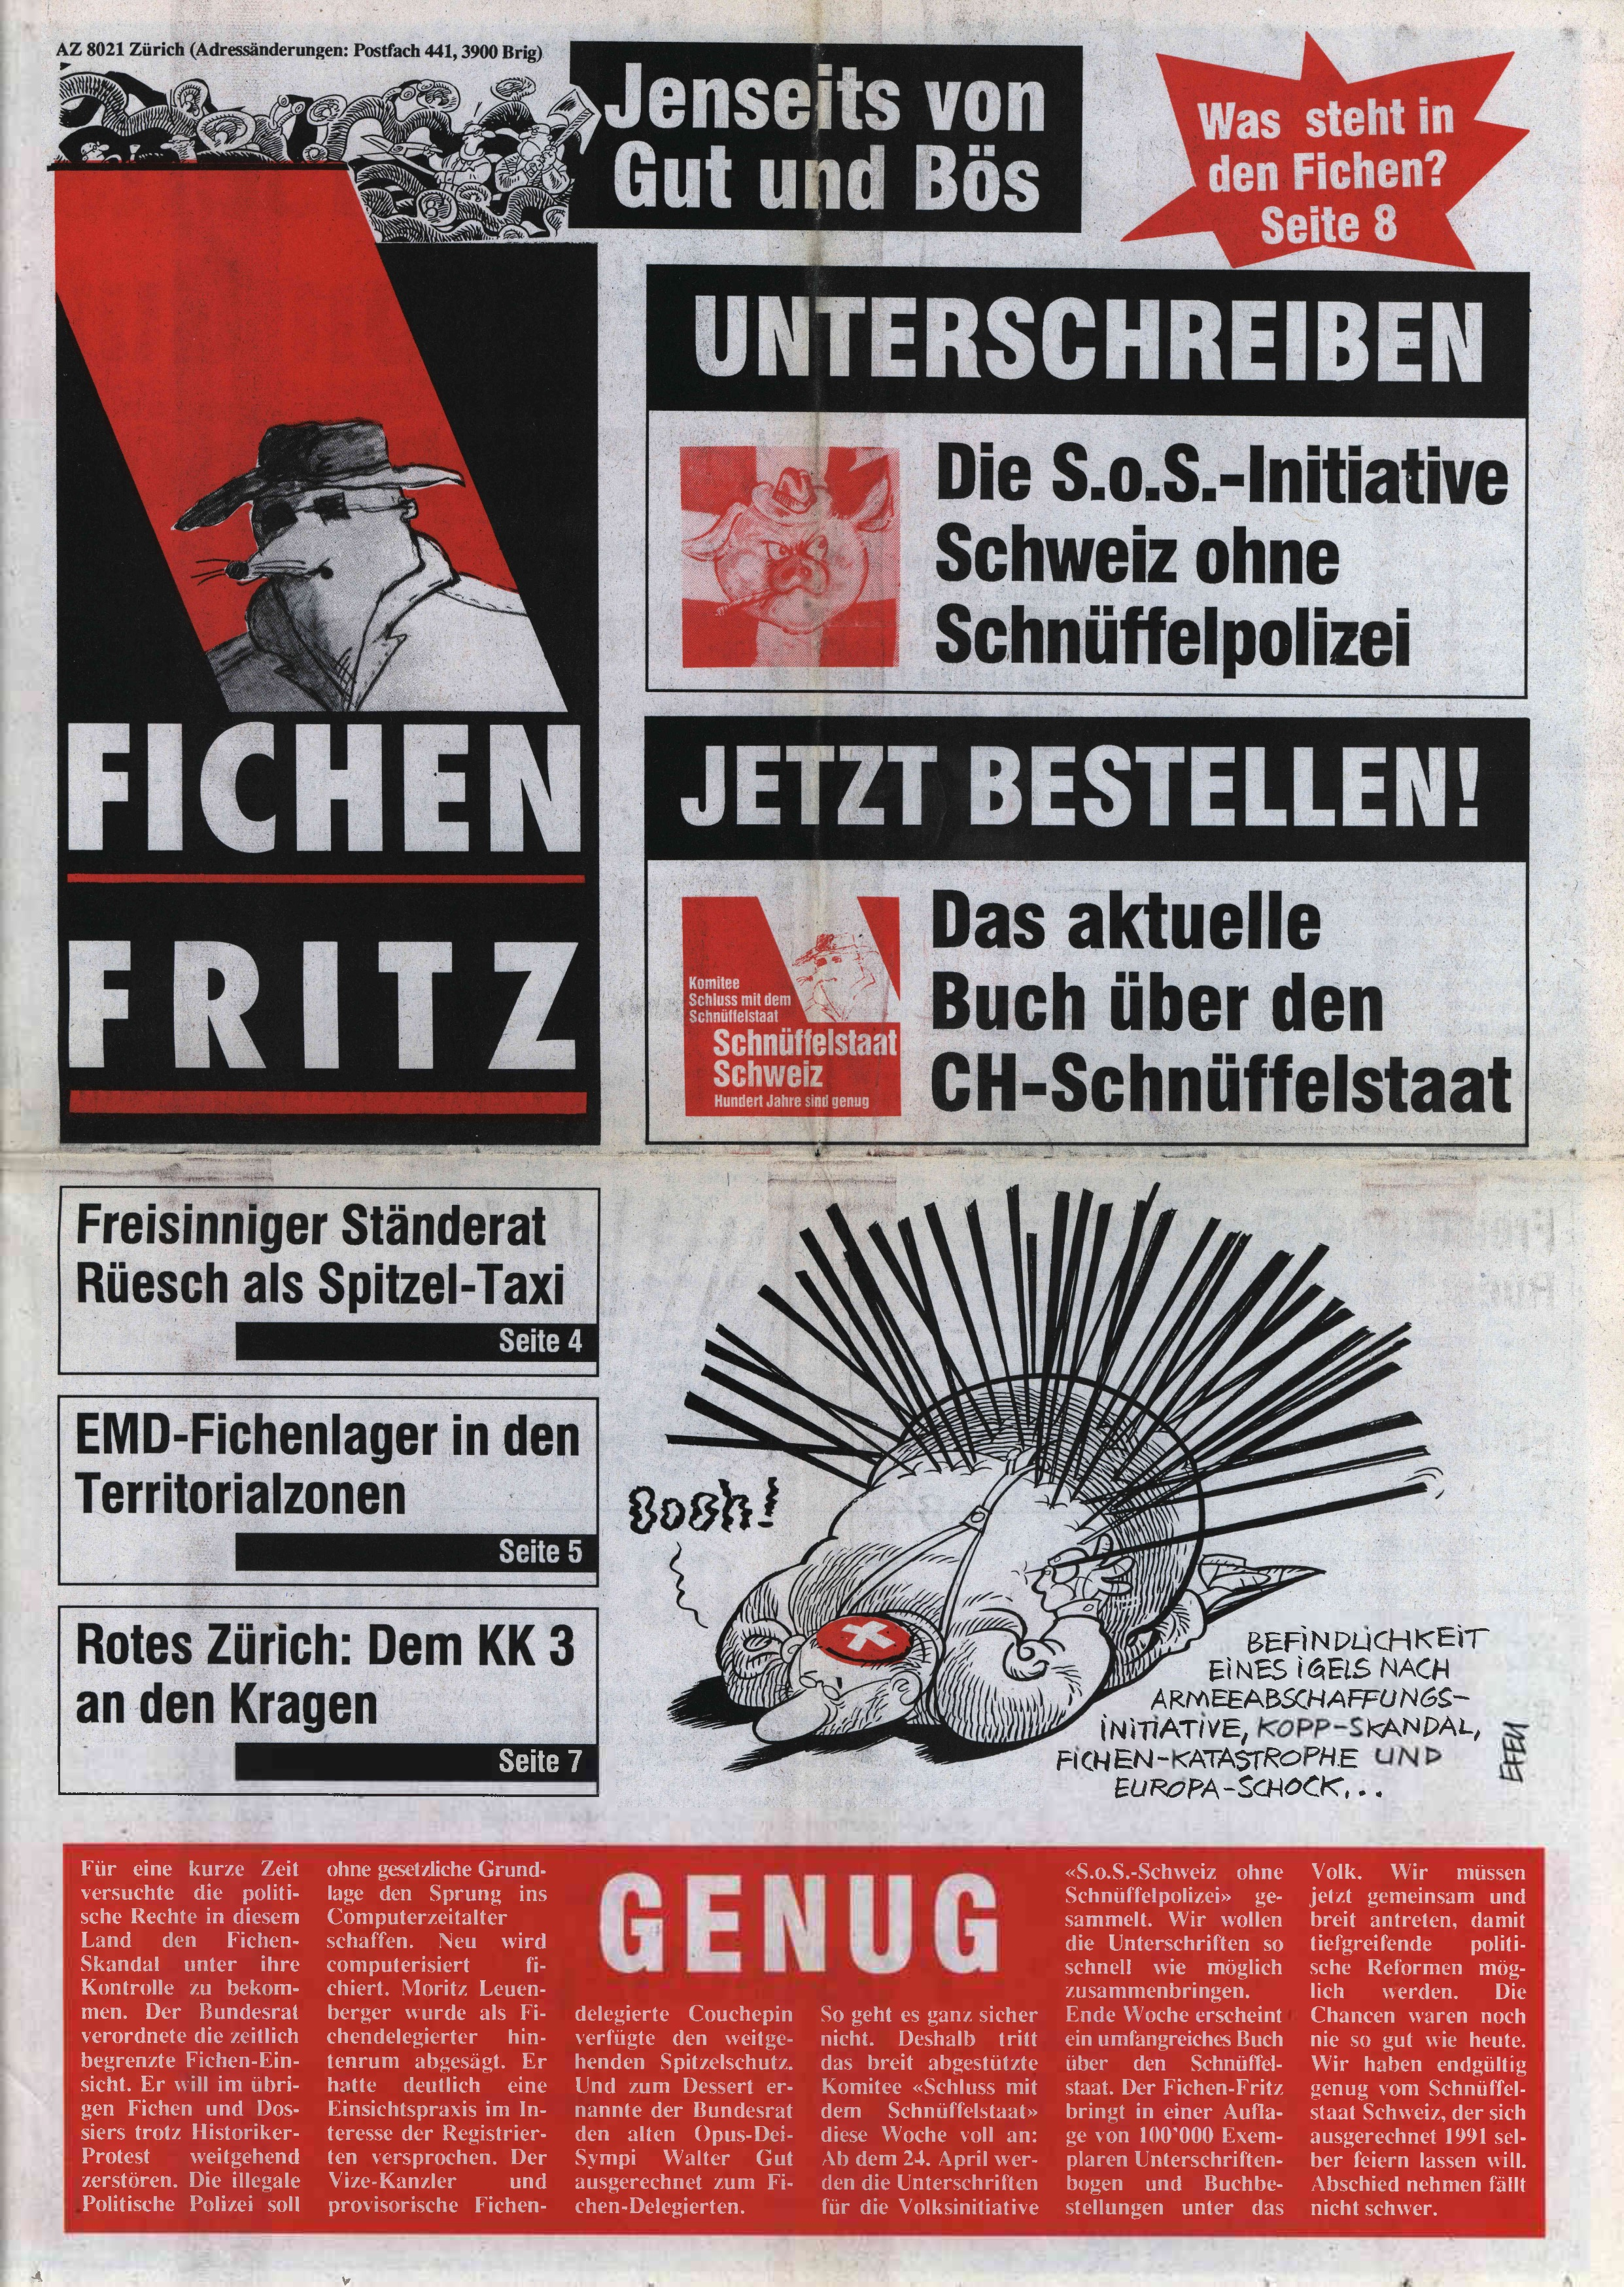 FICHEN FRITZ NR. 2 - SEITE 1